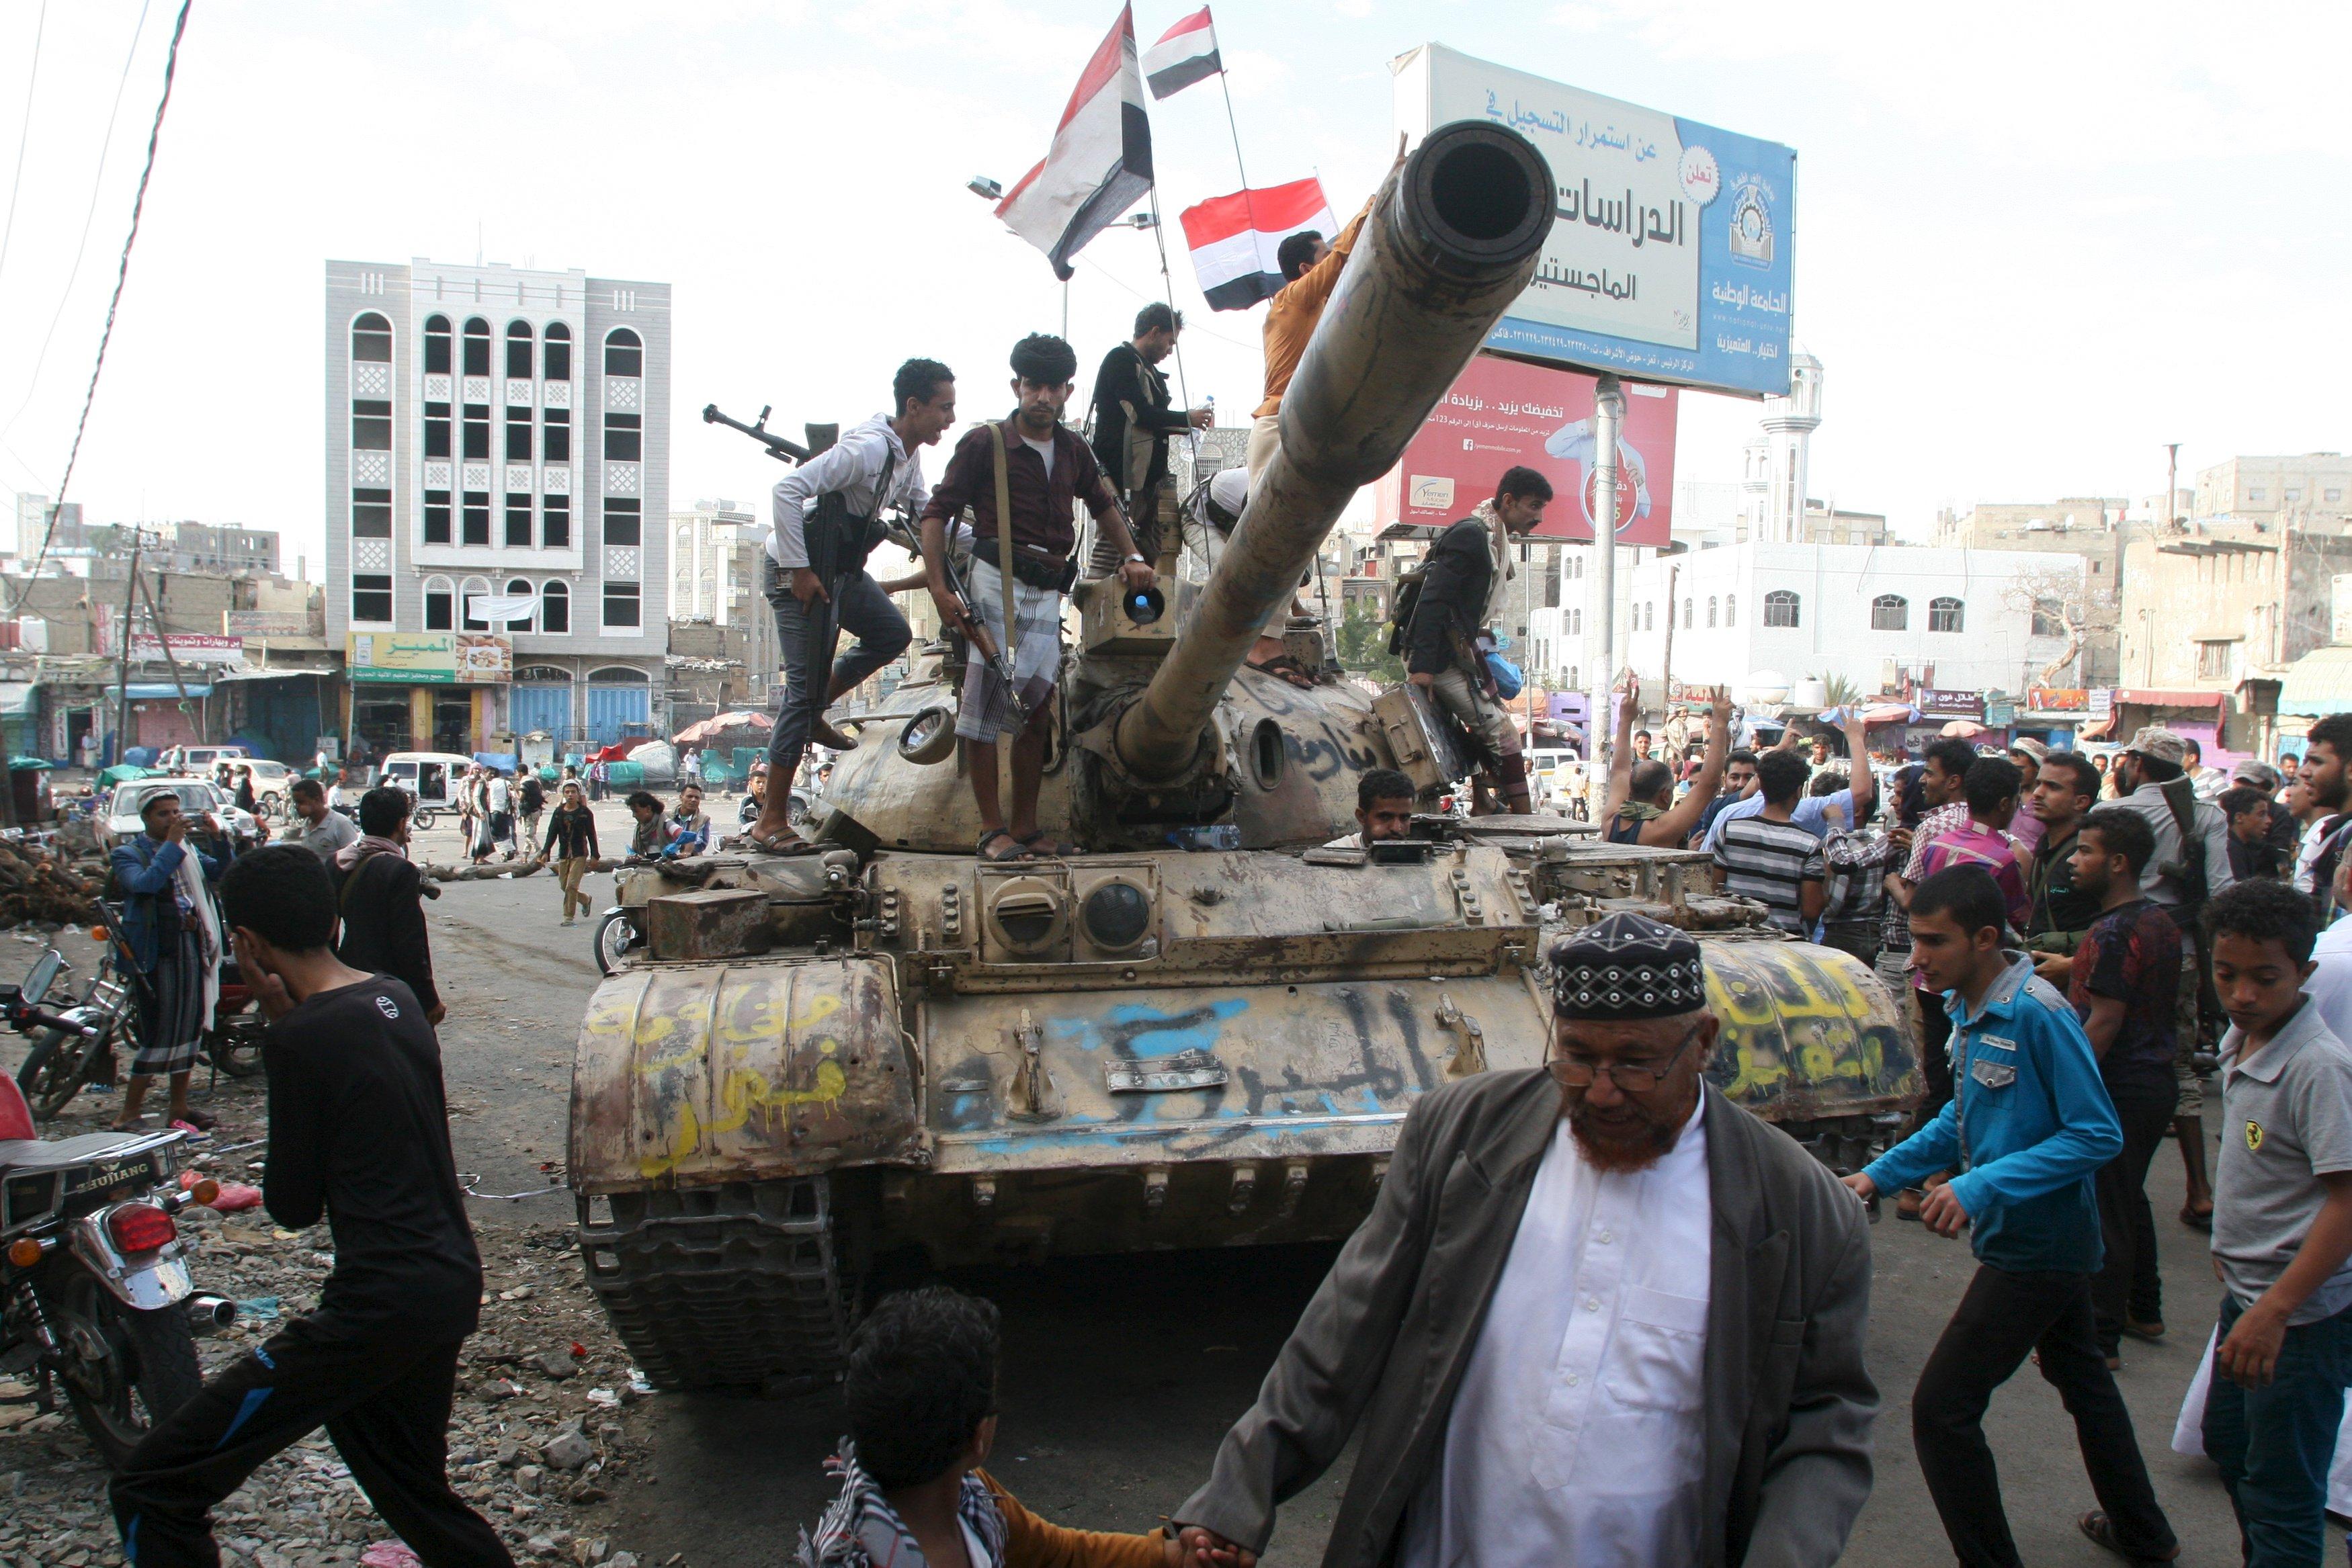 المقاومة الشعبية تتقدم في تعز.. وسقوط 15 من المتمردين بين قتيل وجريح